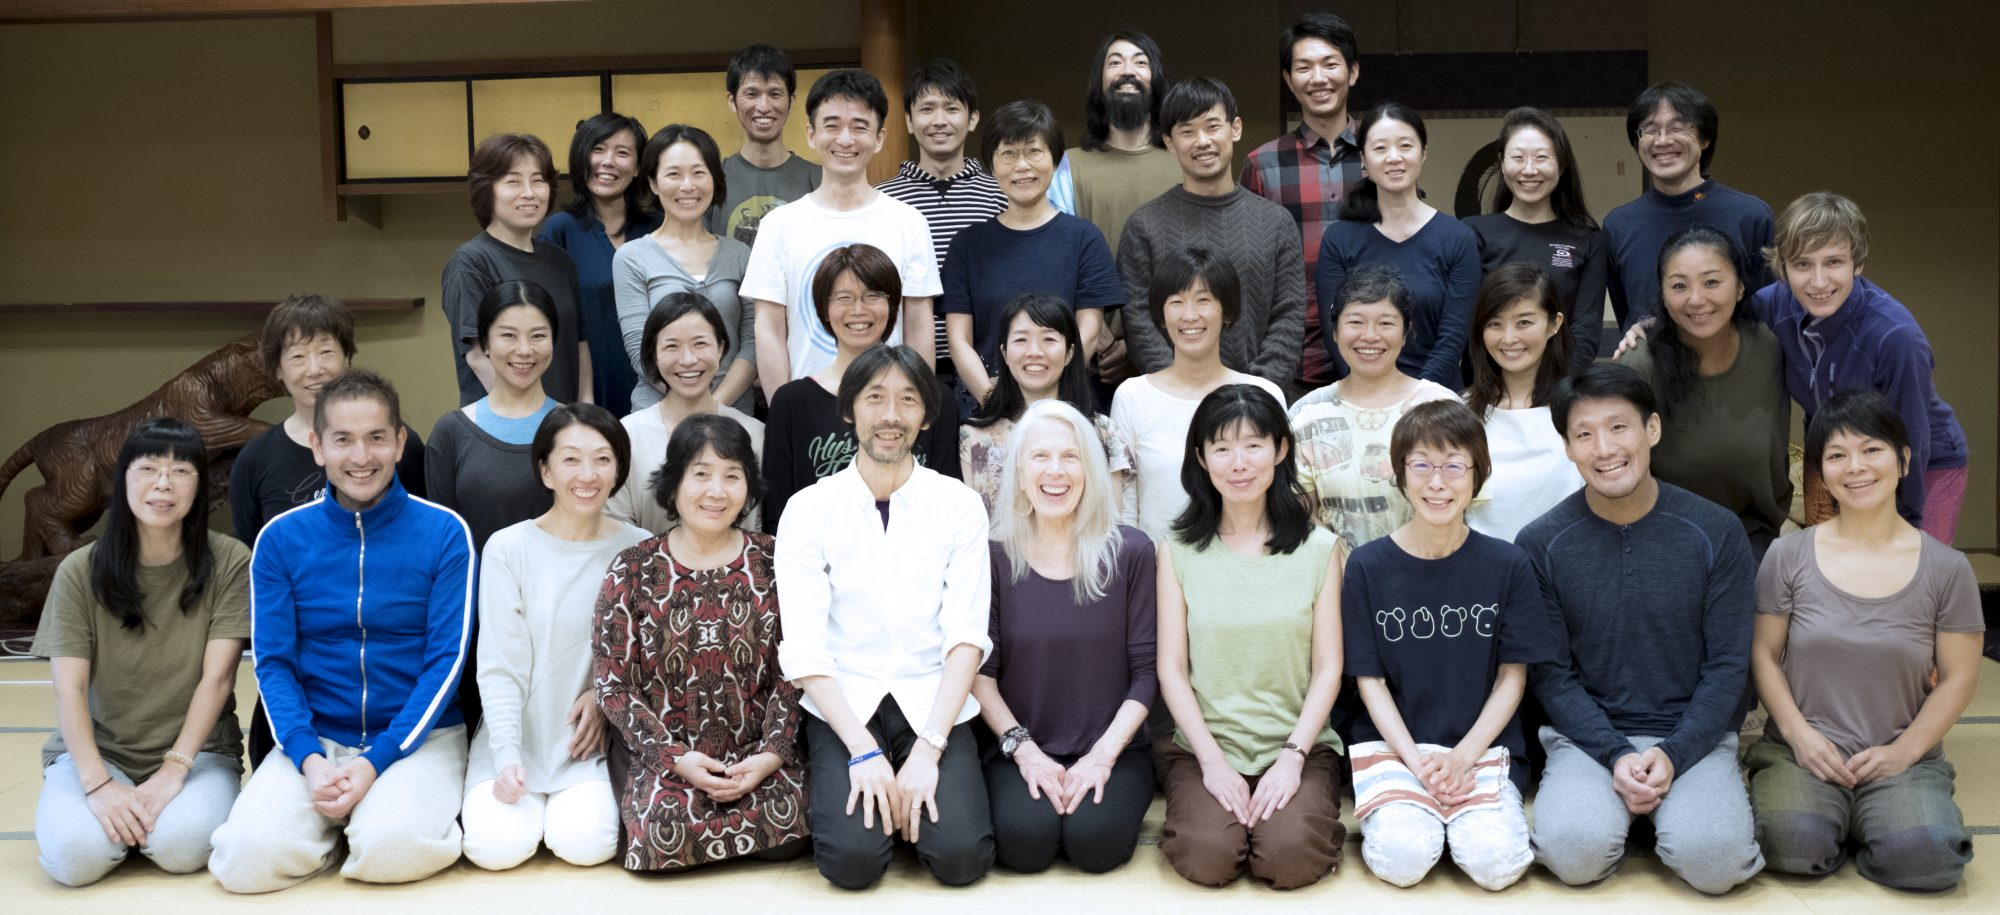 ロルファー田畑浩良のブログ